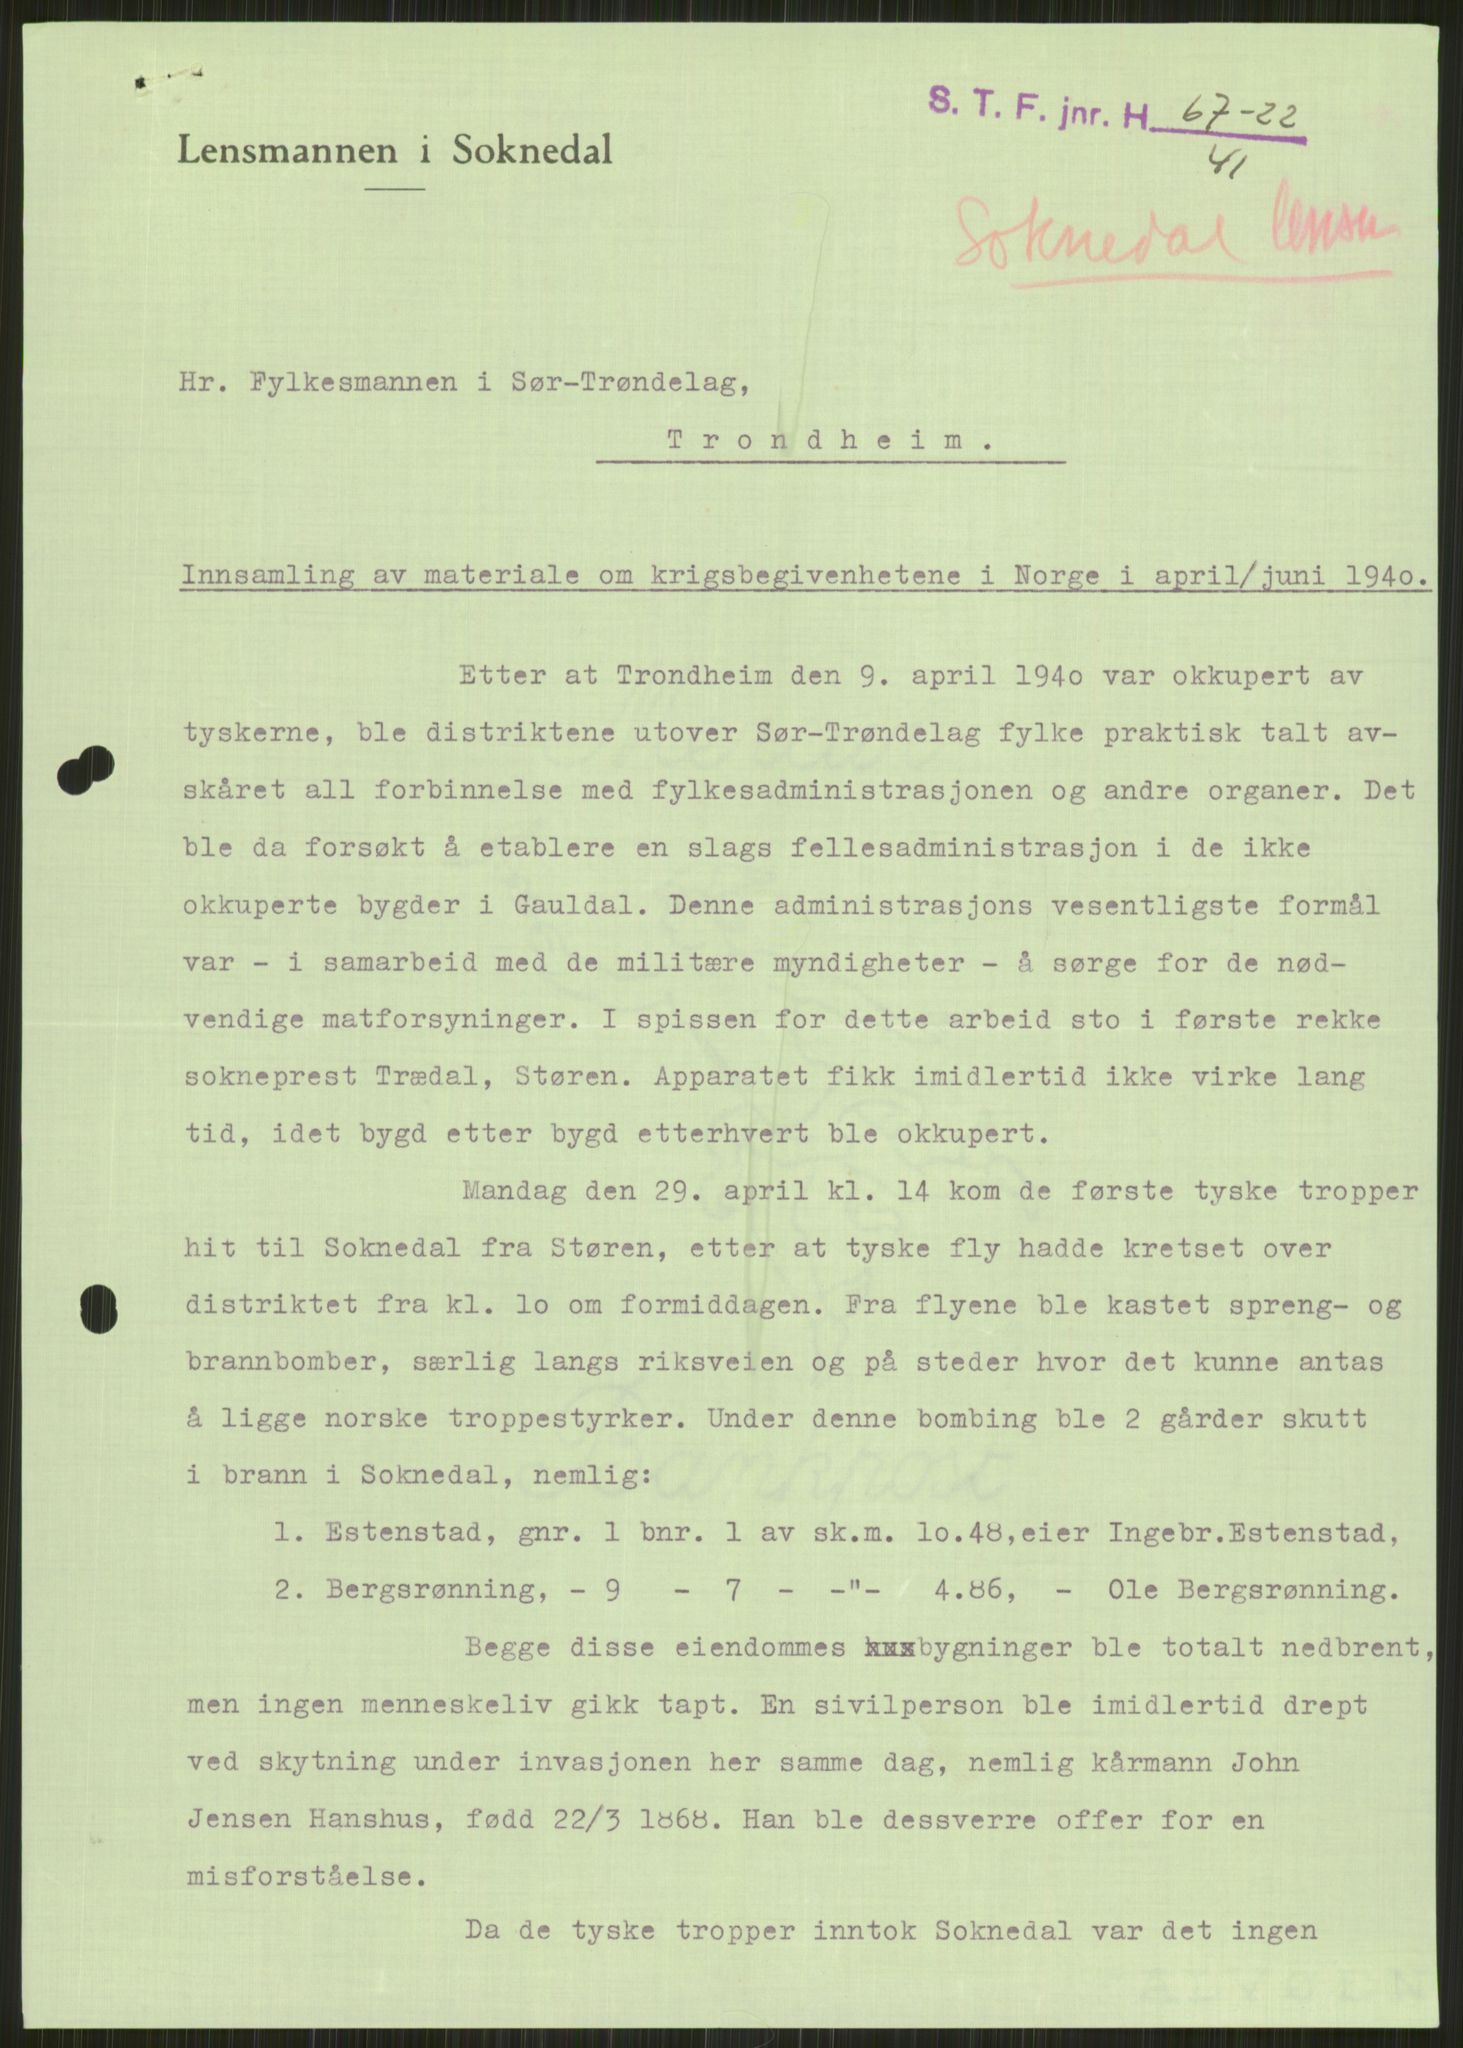 RA, Forsvaret, Forsvarets krigshistoriske avdeling, Y/Ya/L0016: II-C-11-31 - Fylkesmenn.  Rapporter om krigsbegivenhetene 1940., 1940, s. 154